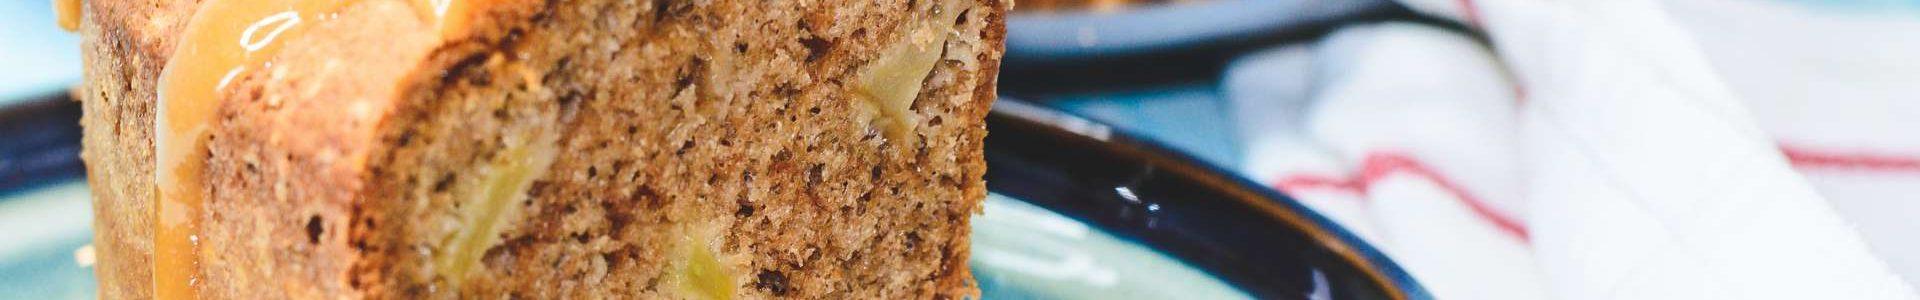 🥮 Карамельный яблочный пирог